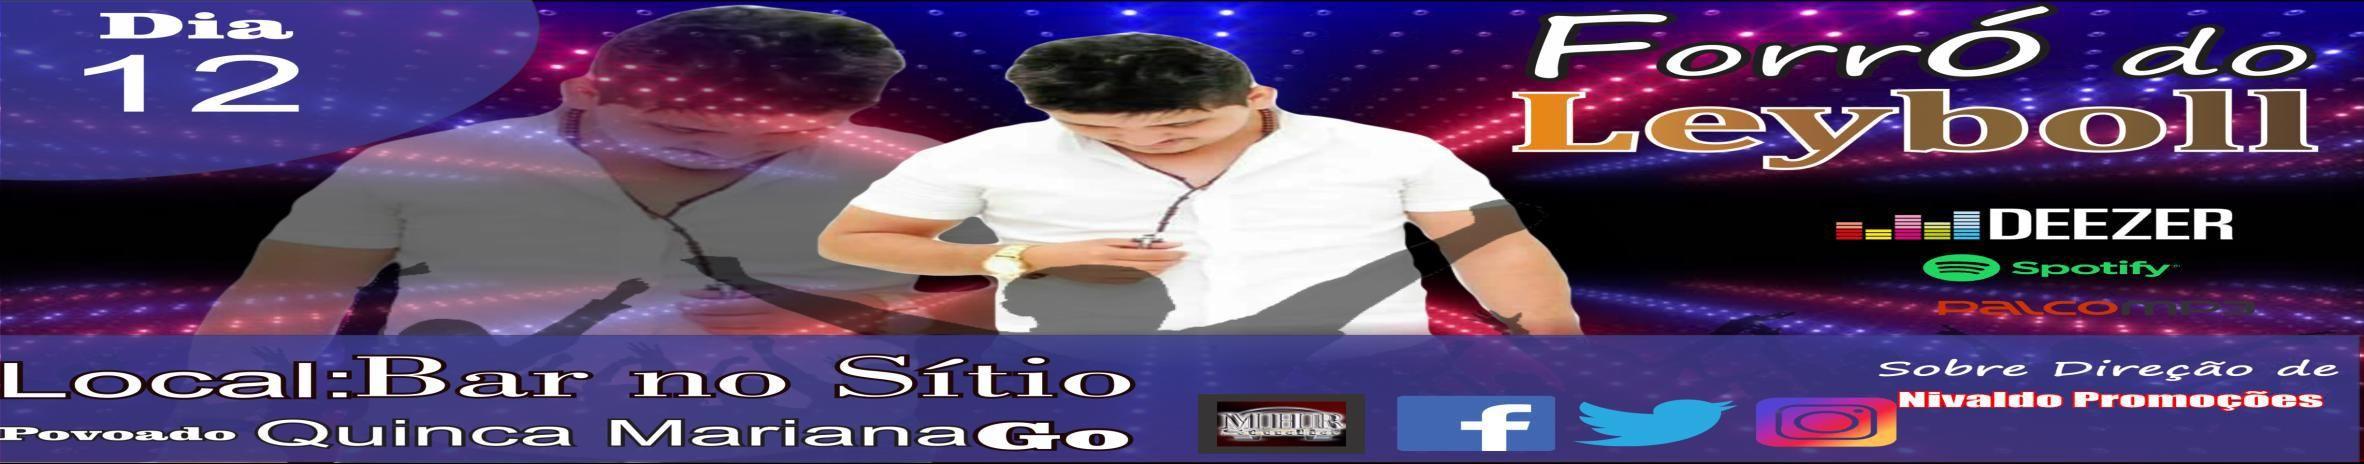 Imagem de capa de Forro Do leyboll